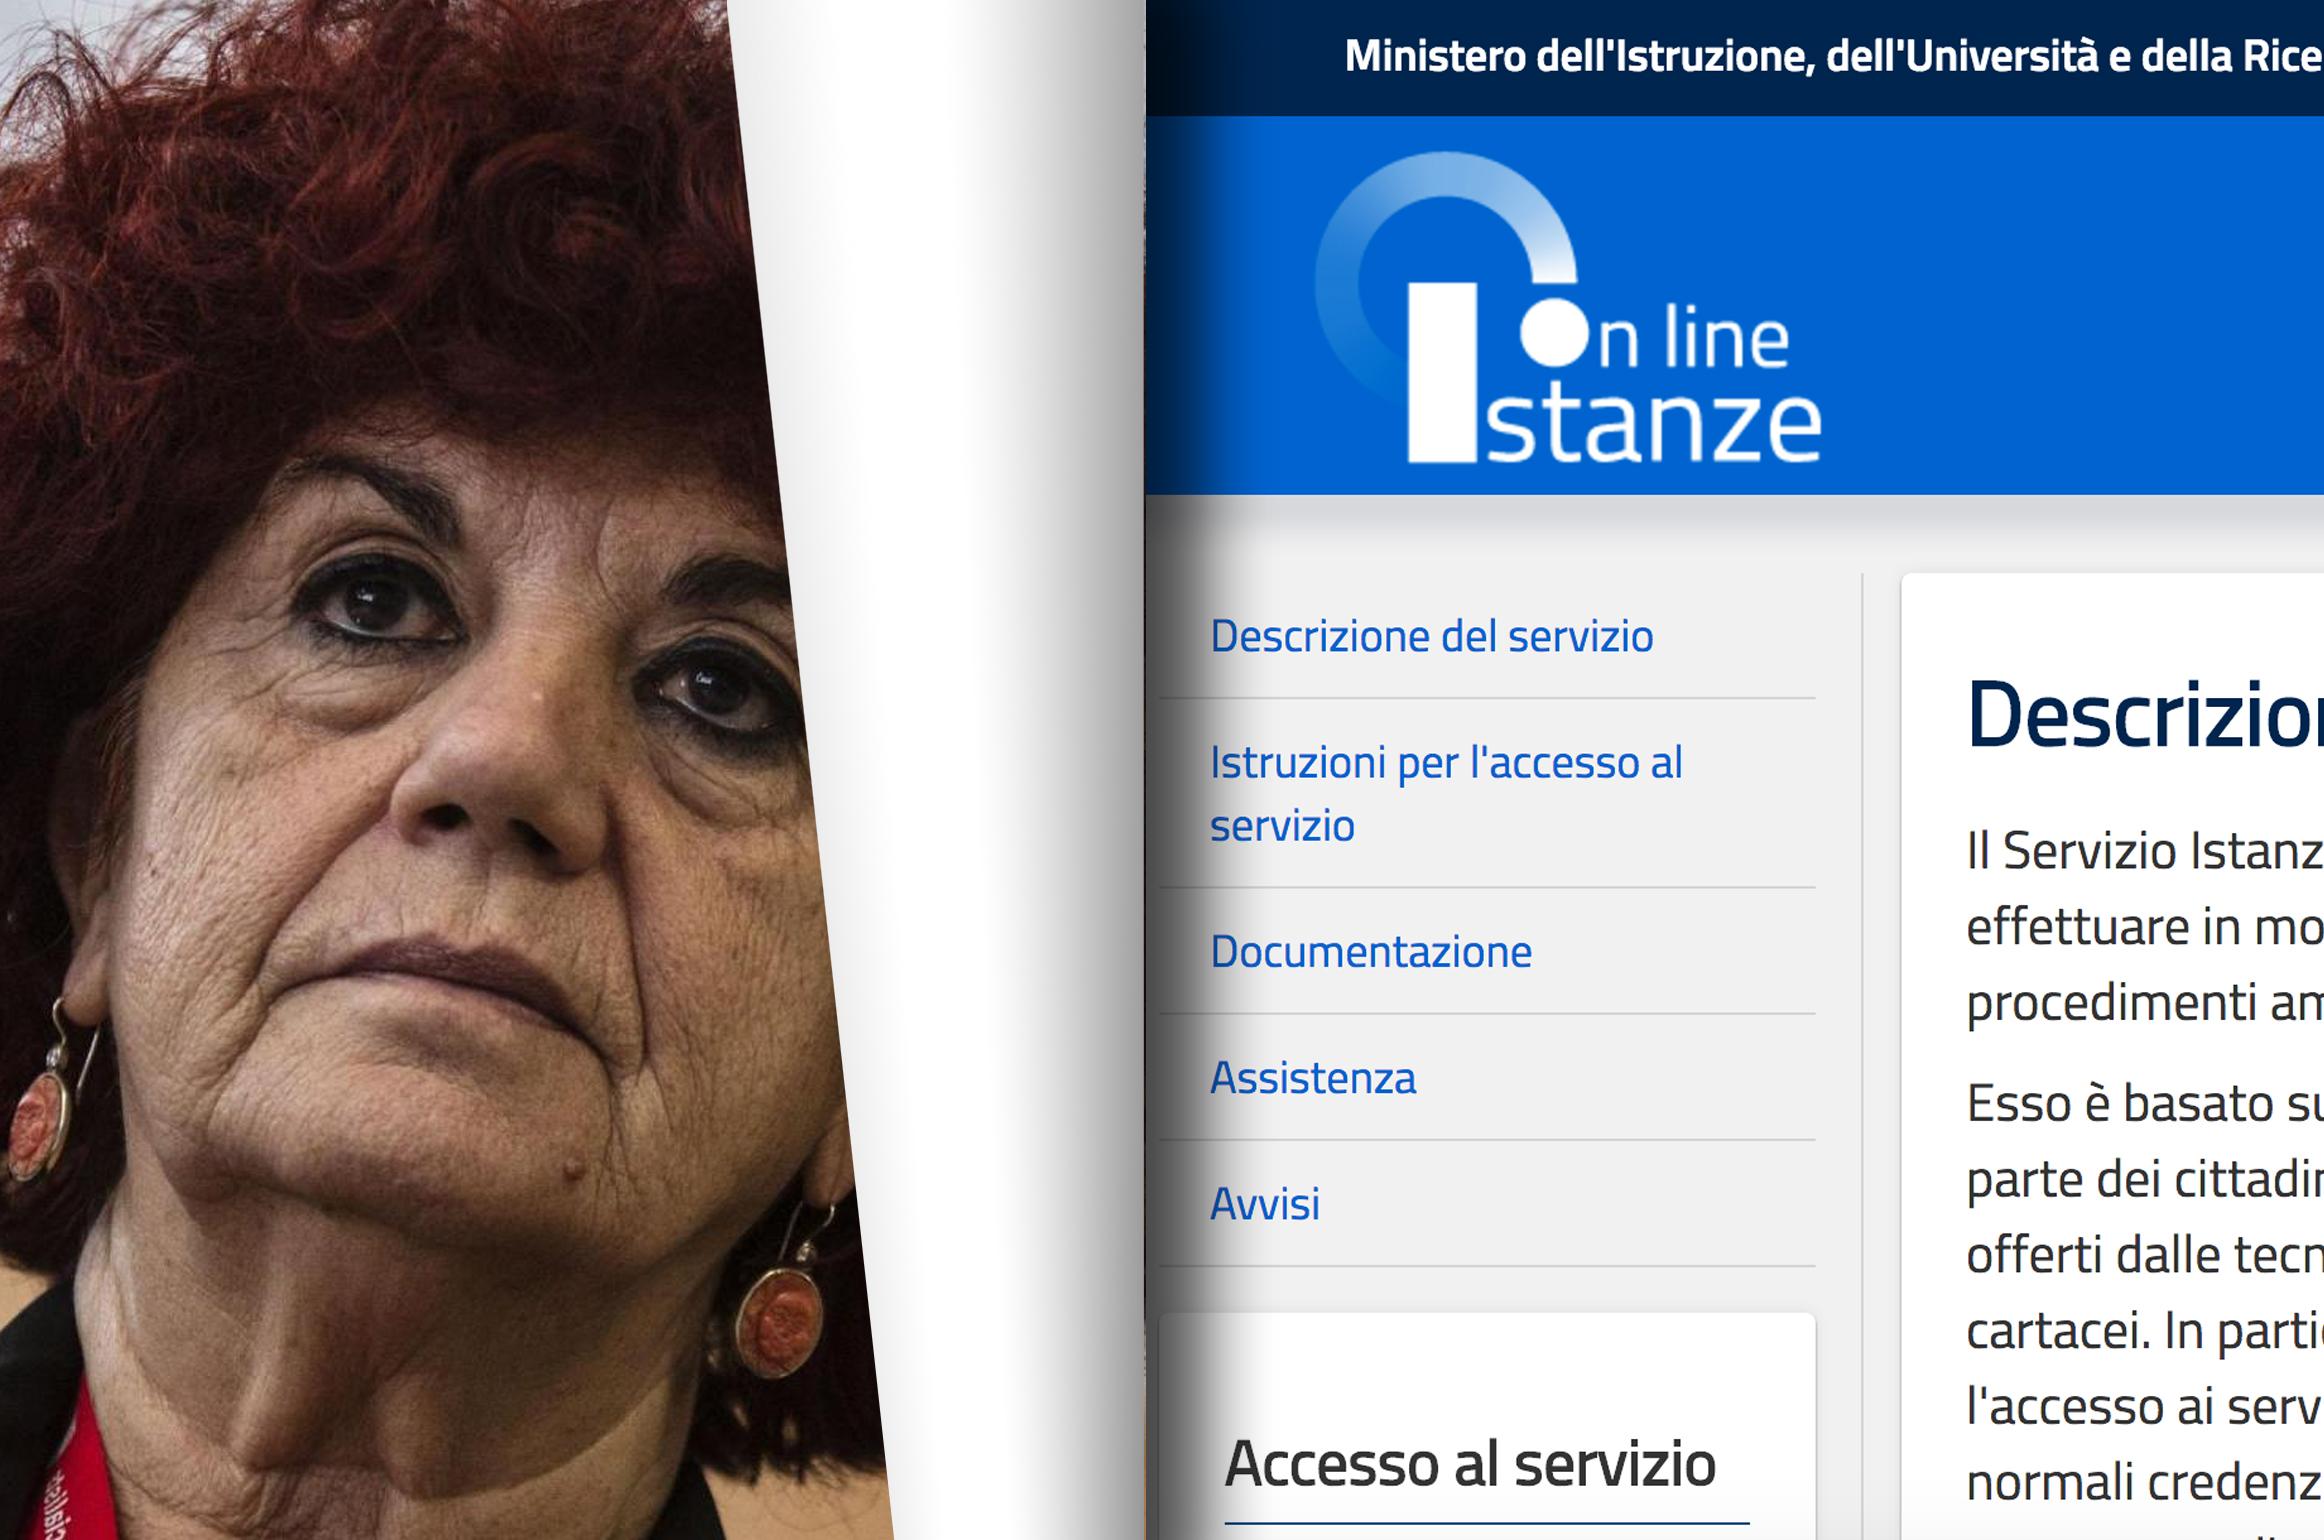 """'Crash' su Istanze Online: Valeria Fedeli, """"Aumenteremo le risorse"""""""